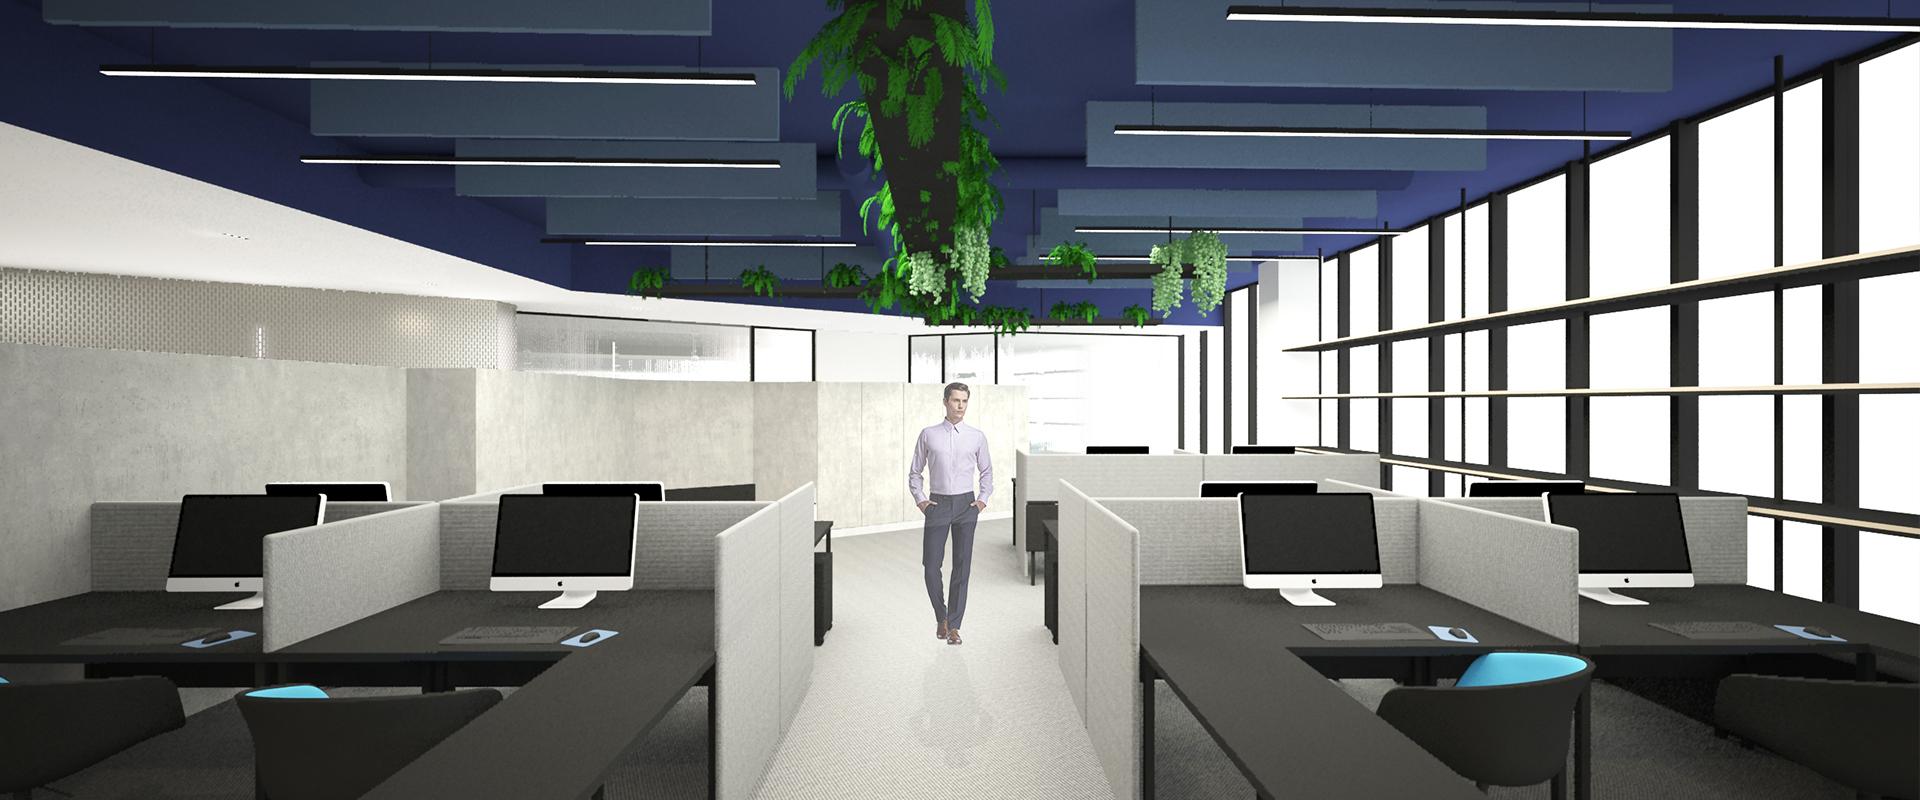 Proyectos de oficinas saludables. La certificación Well